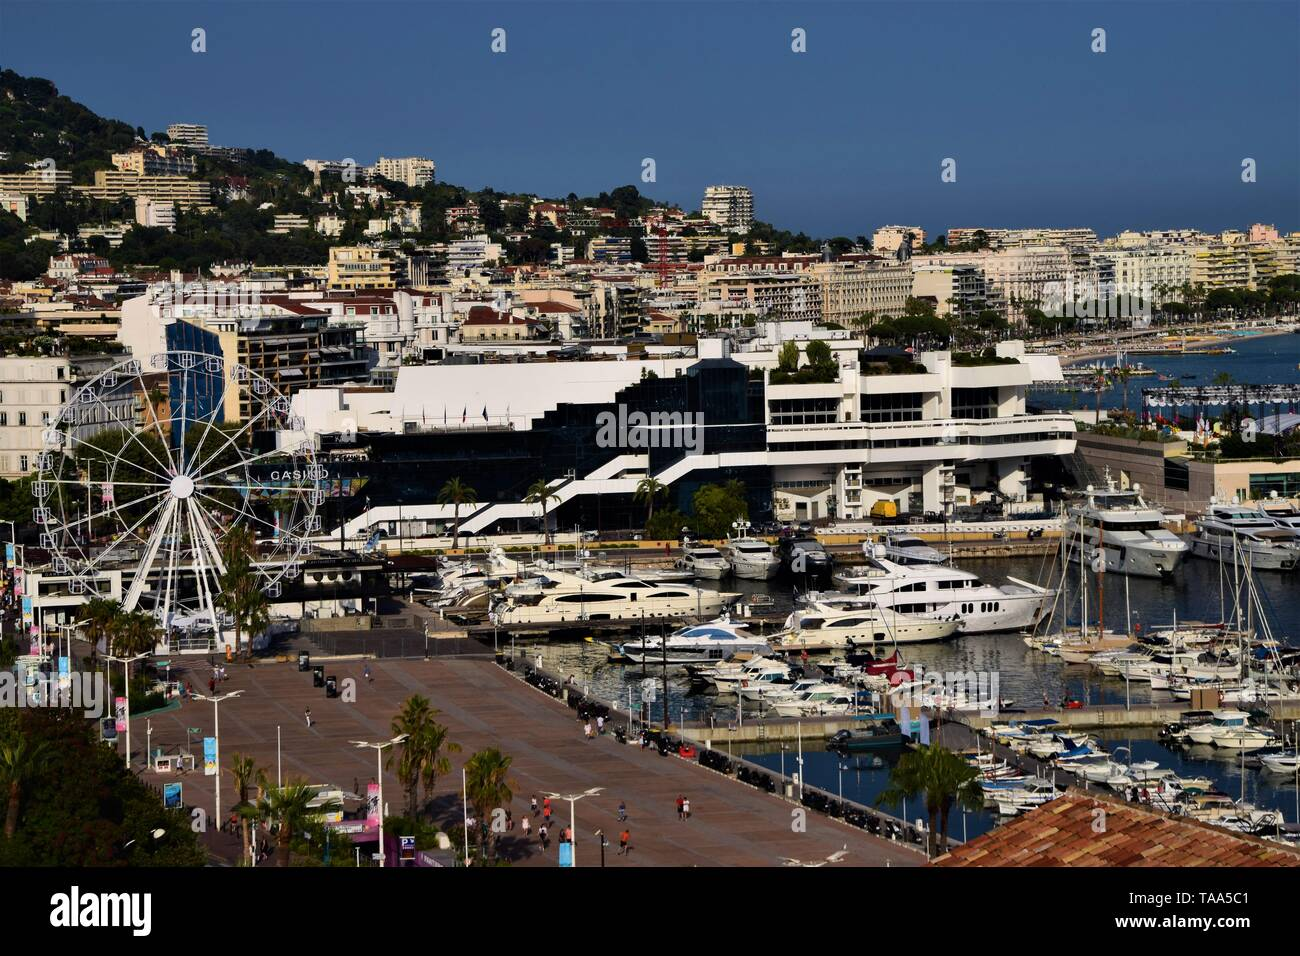 Cannes port Palais des Festivals Croisette yachts clear blue sky aerial view Stock Photo